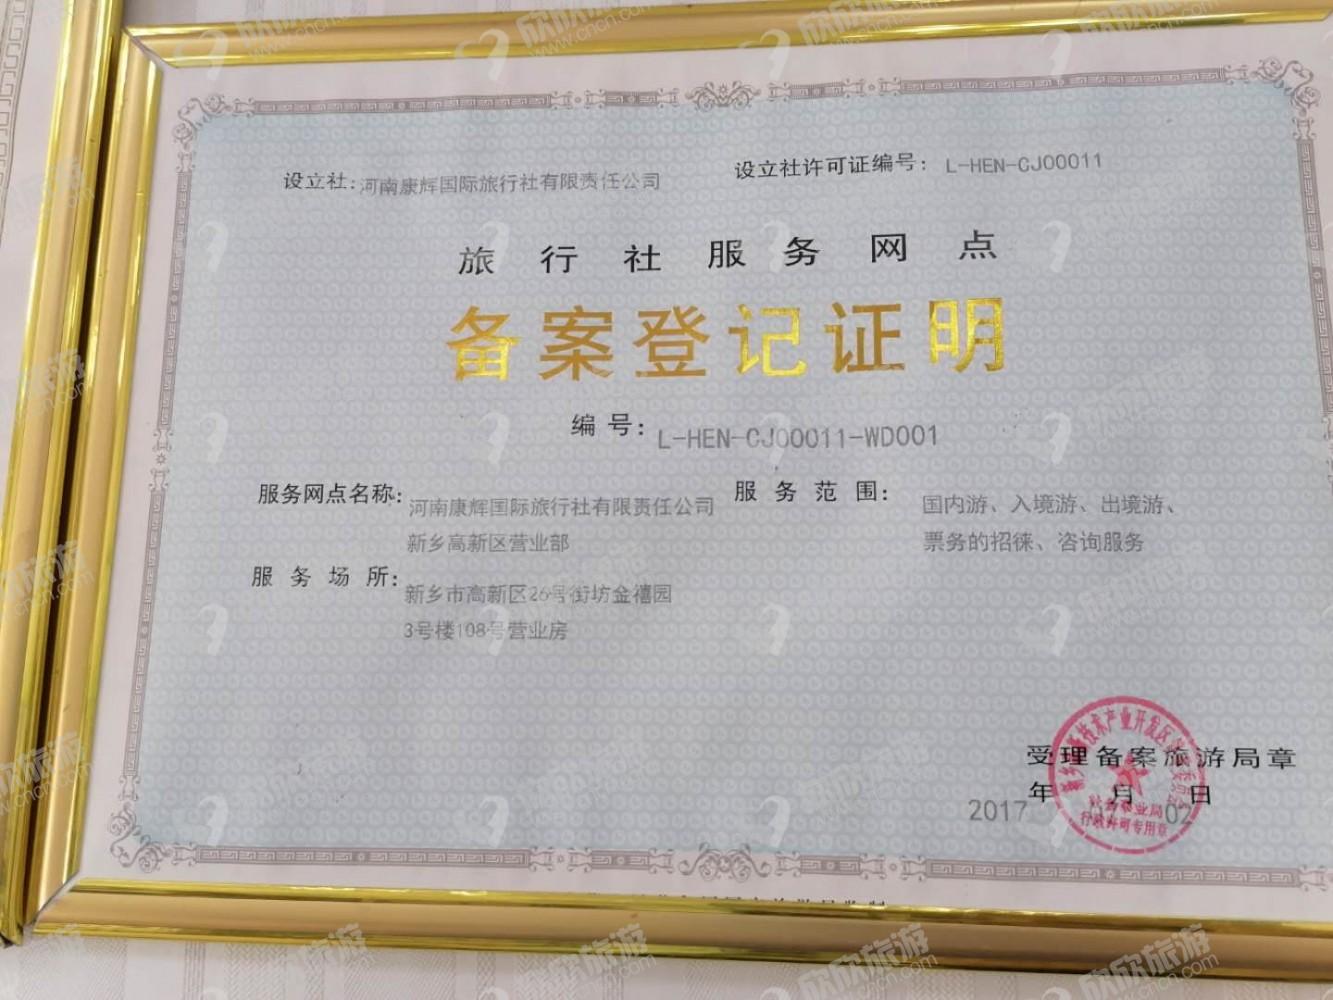 河南康辉国际旅行社有限责任公司新乡市高新区营业部经营许可证